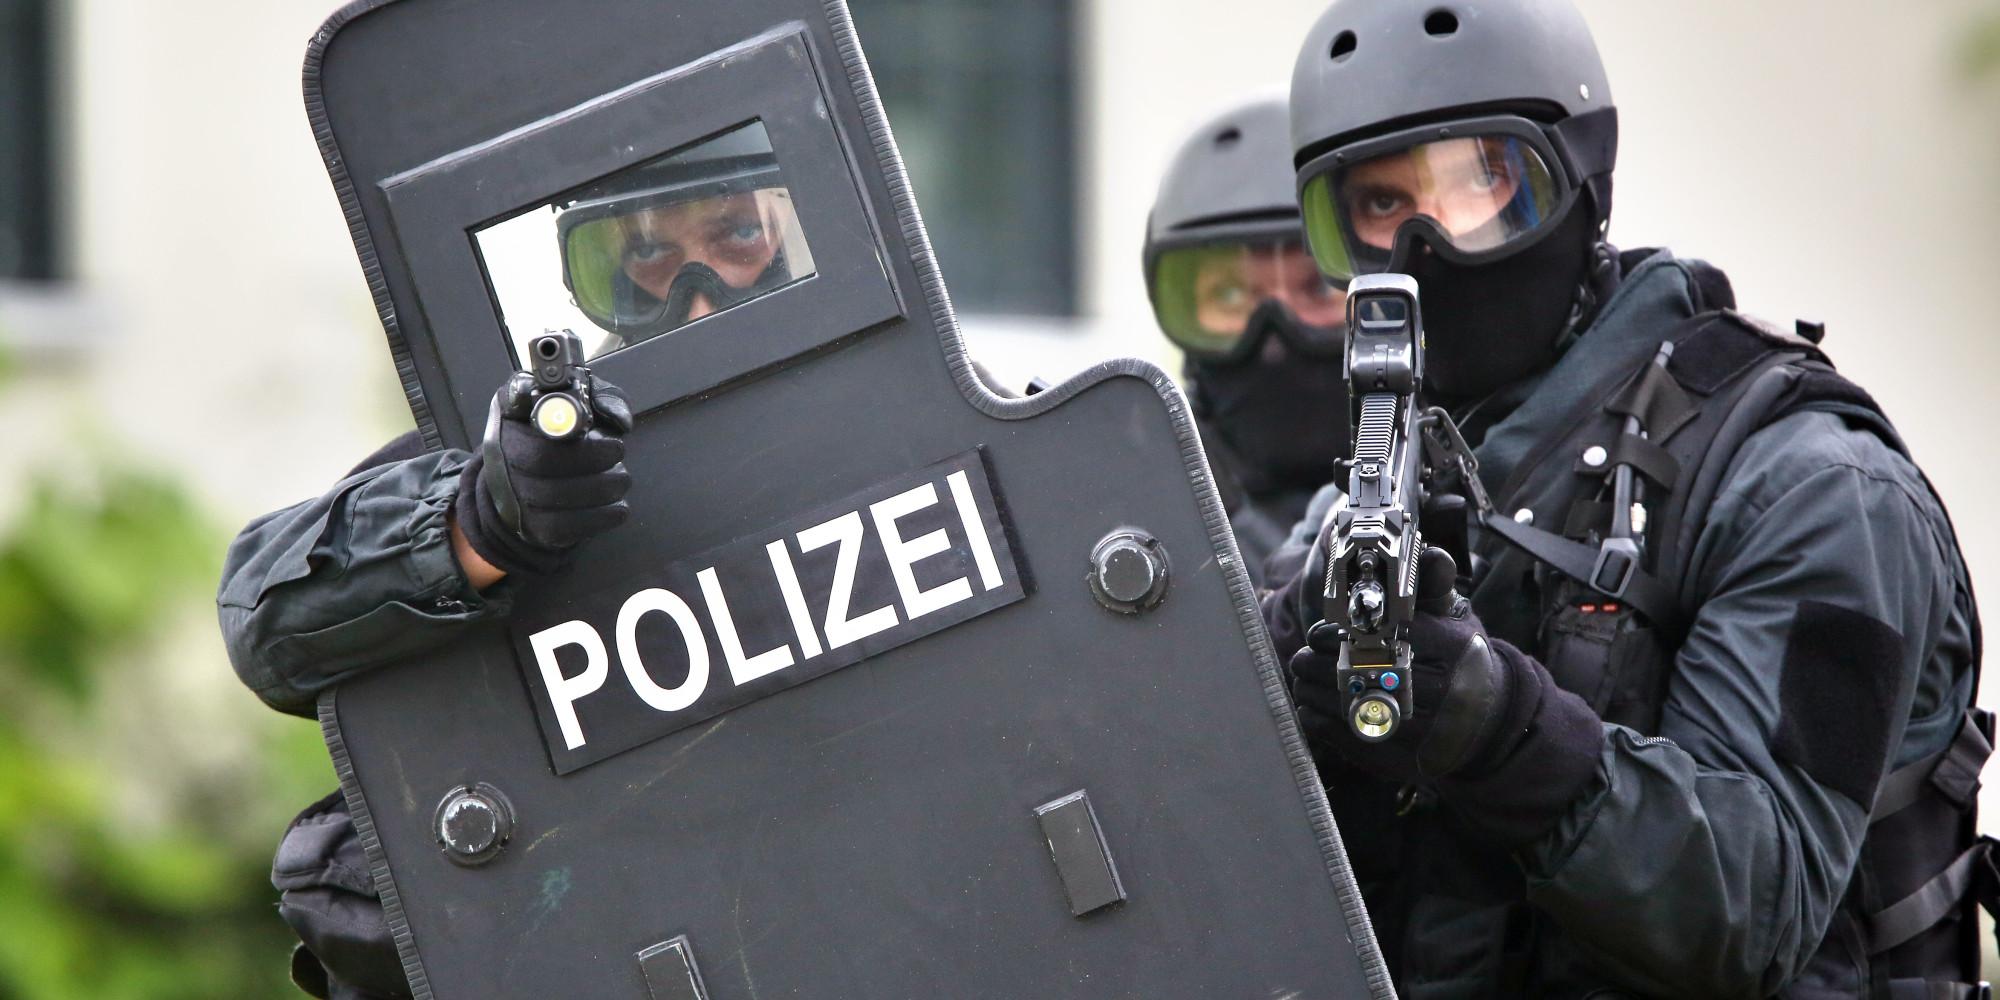 Polizei verhindert in Hessen geplanten Terroranschlag